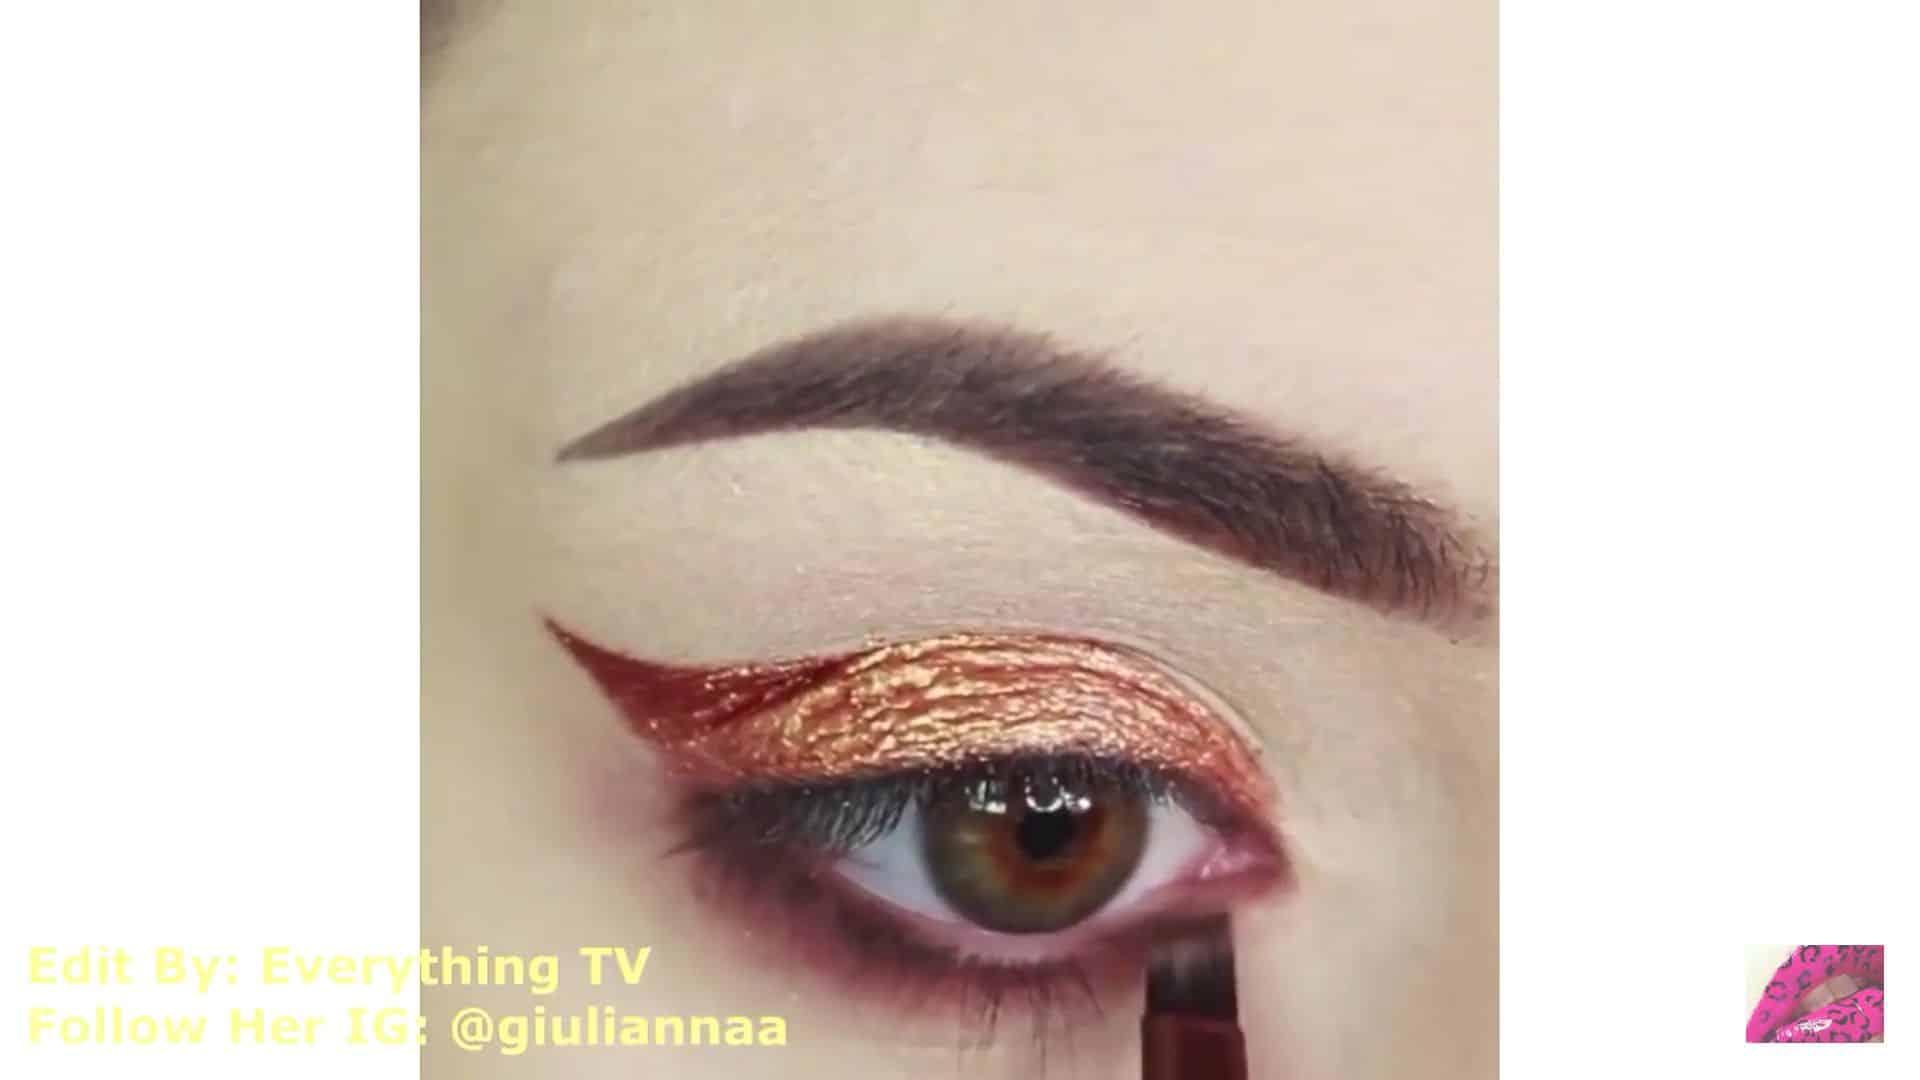 Hermosos diseños de fantasía para los ojos Samantha Hermoso 2020, sombra vinotinto por debajo de la linea de agua